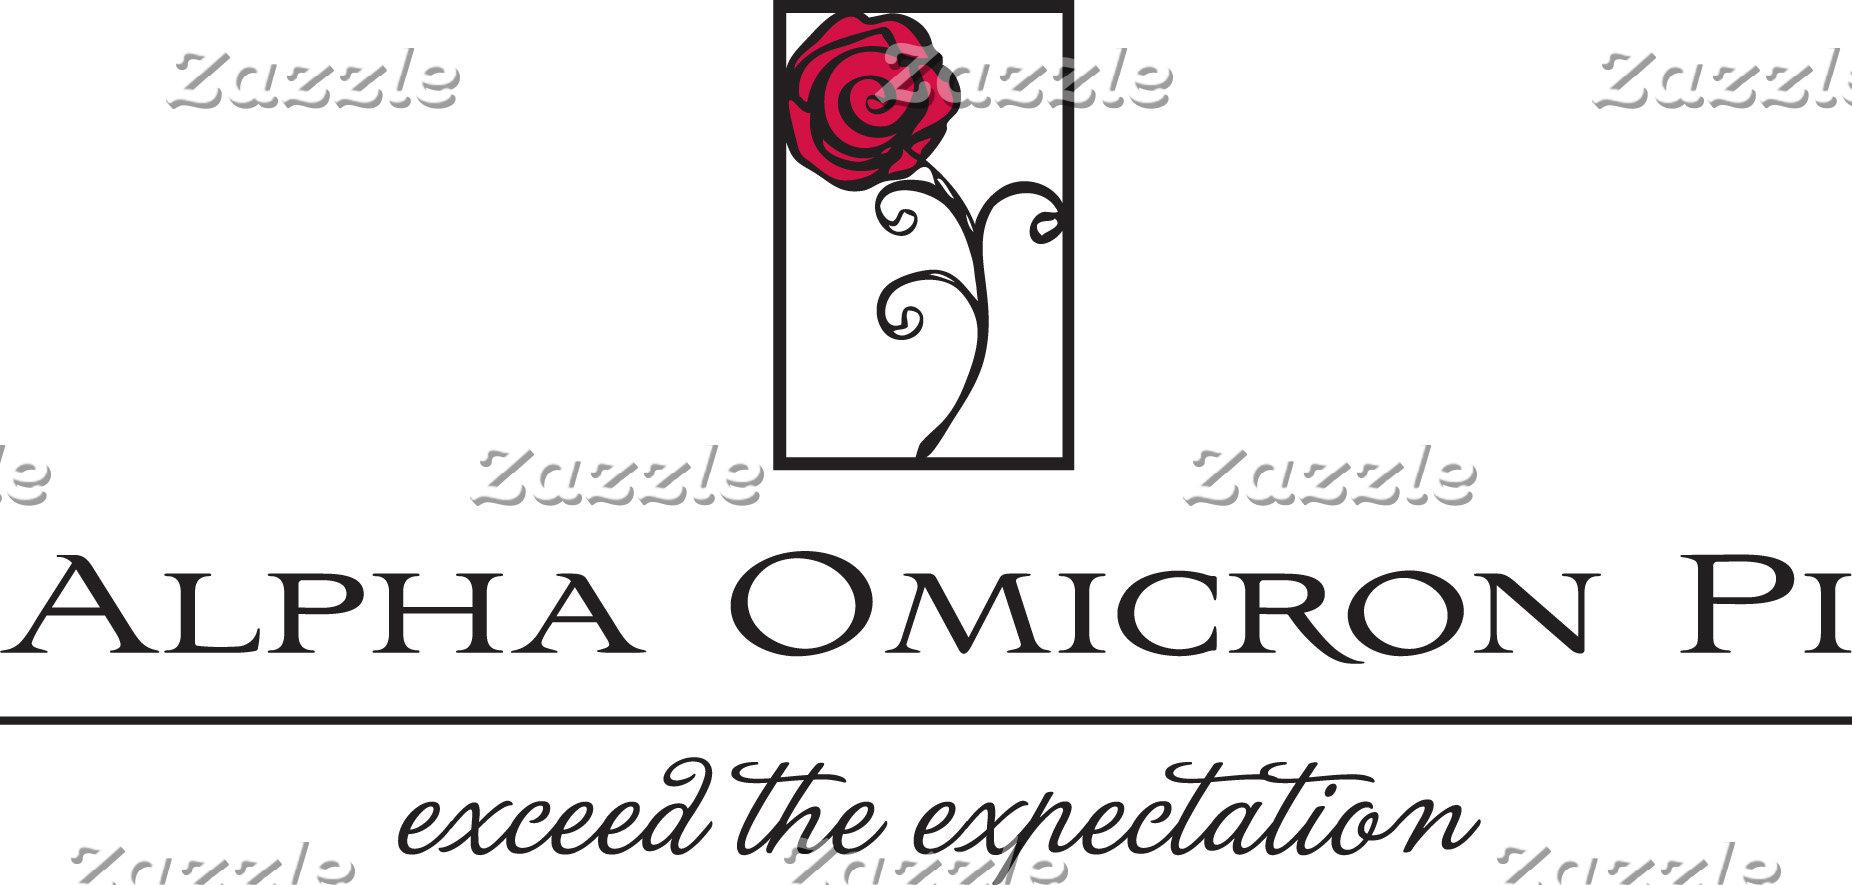 Alpha Omicron Pi Rose and Phrase